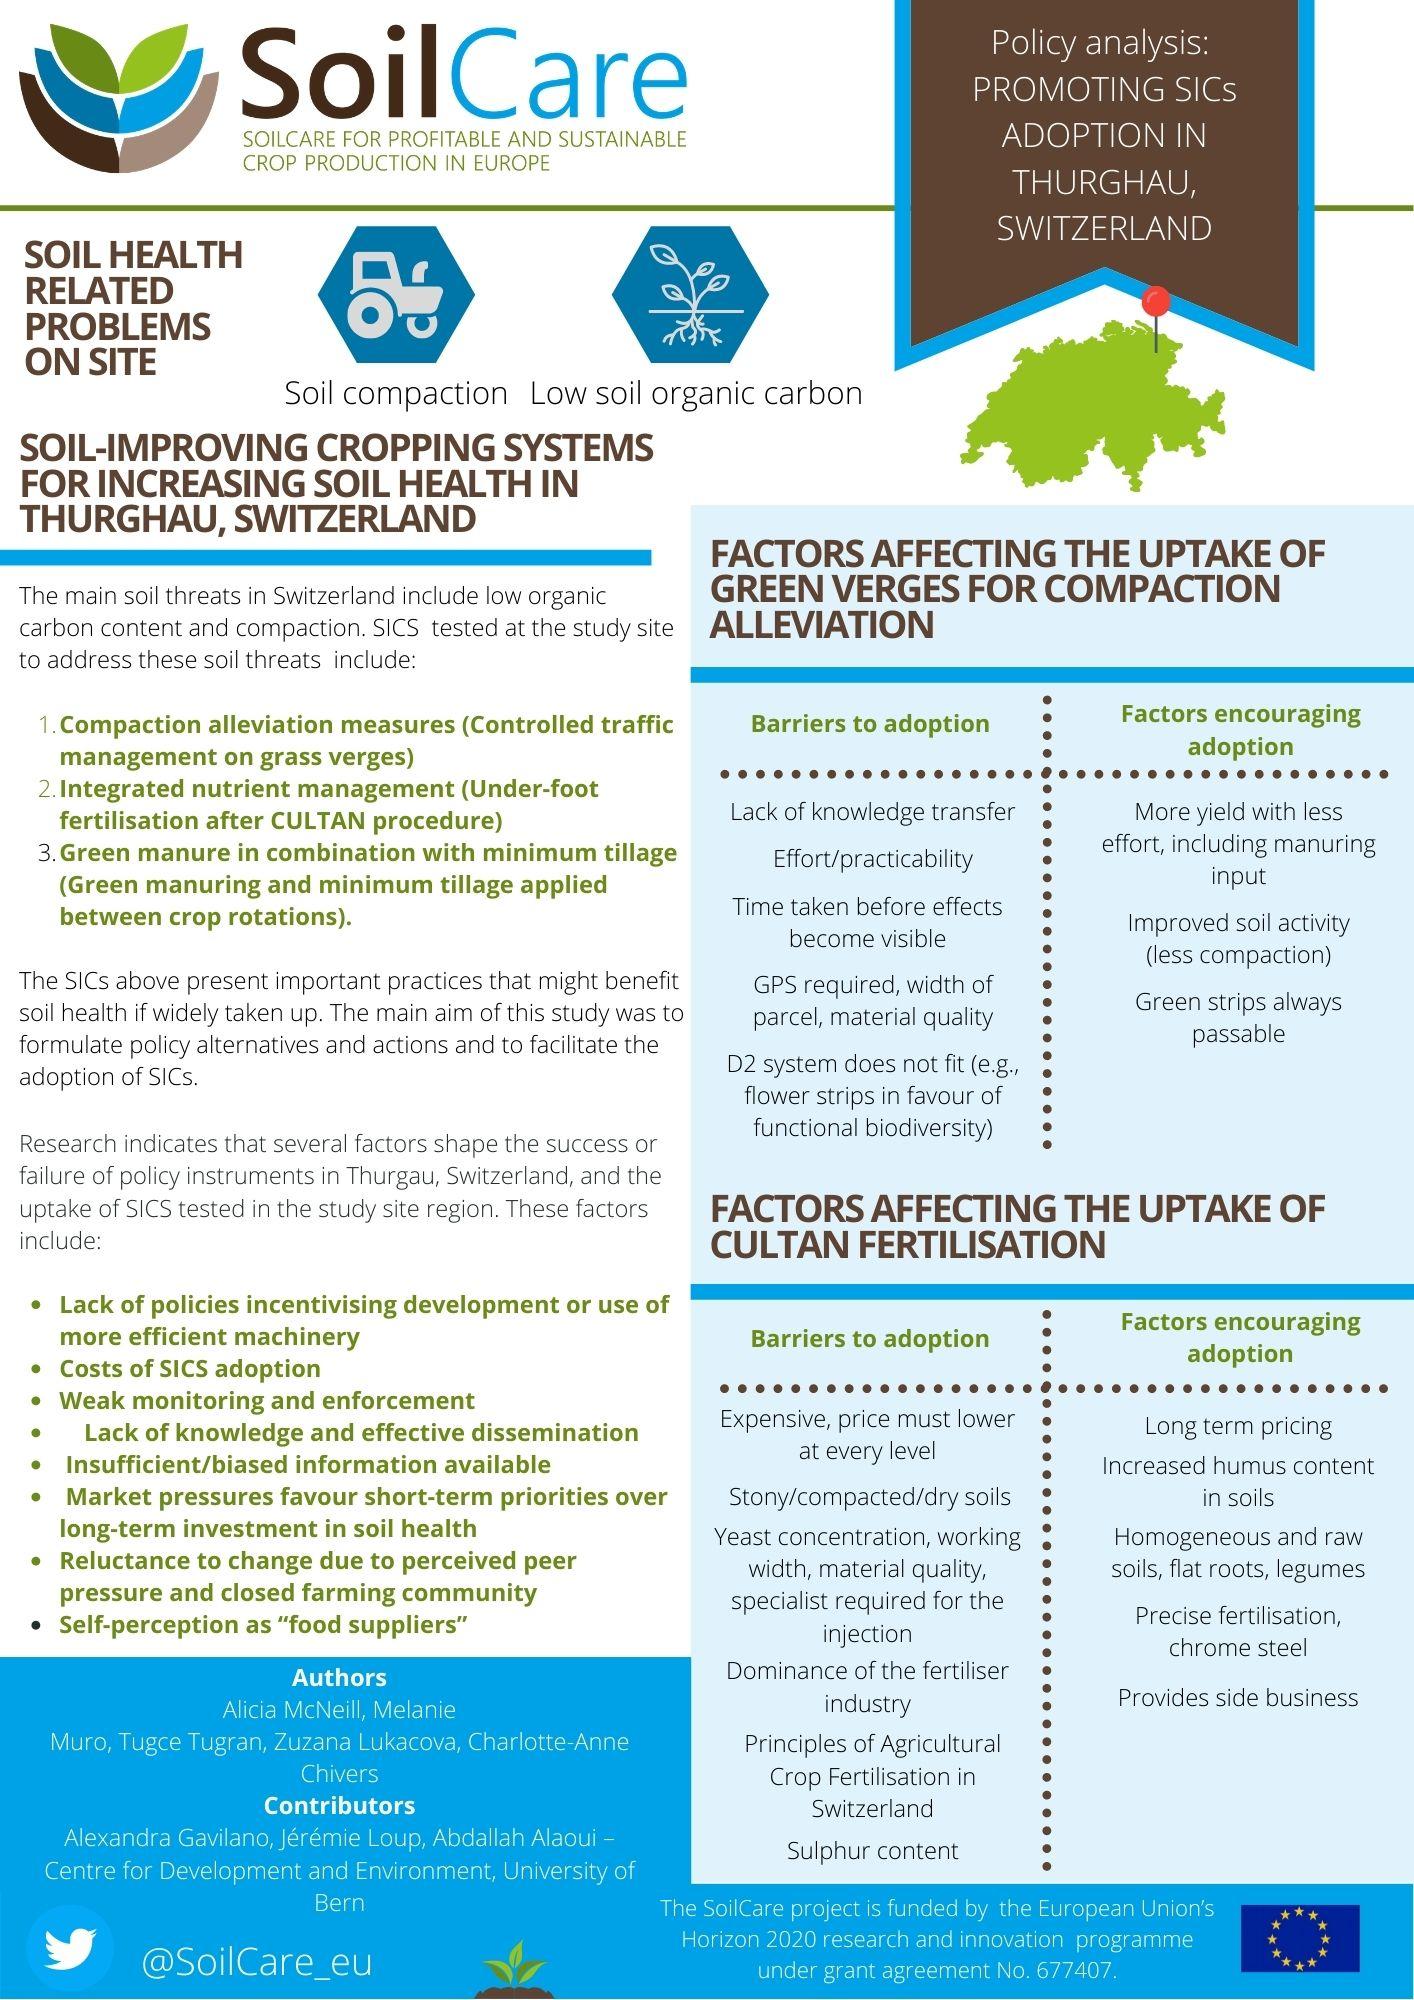 Sammanfattning av policy för Schweiz SoilCare